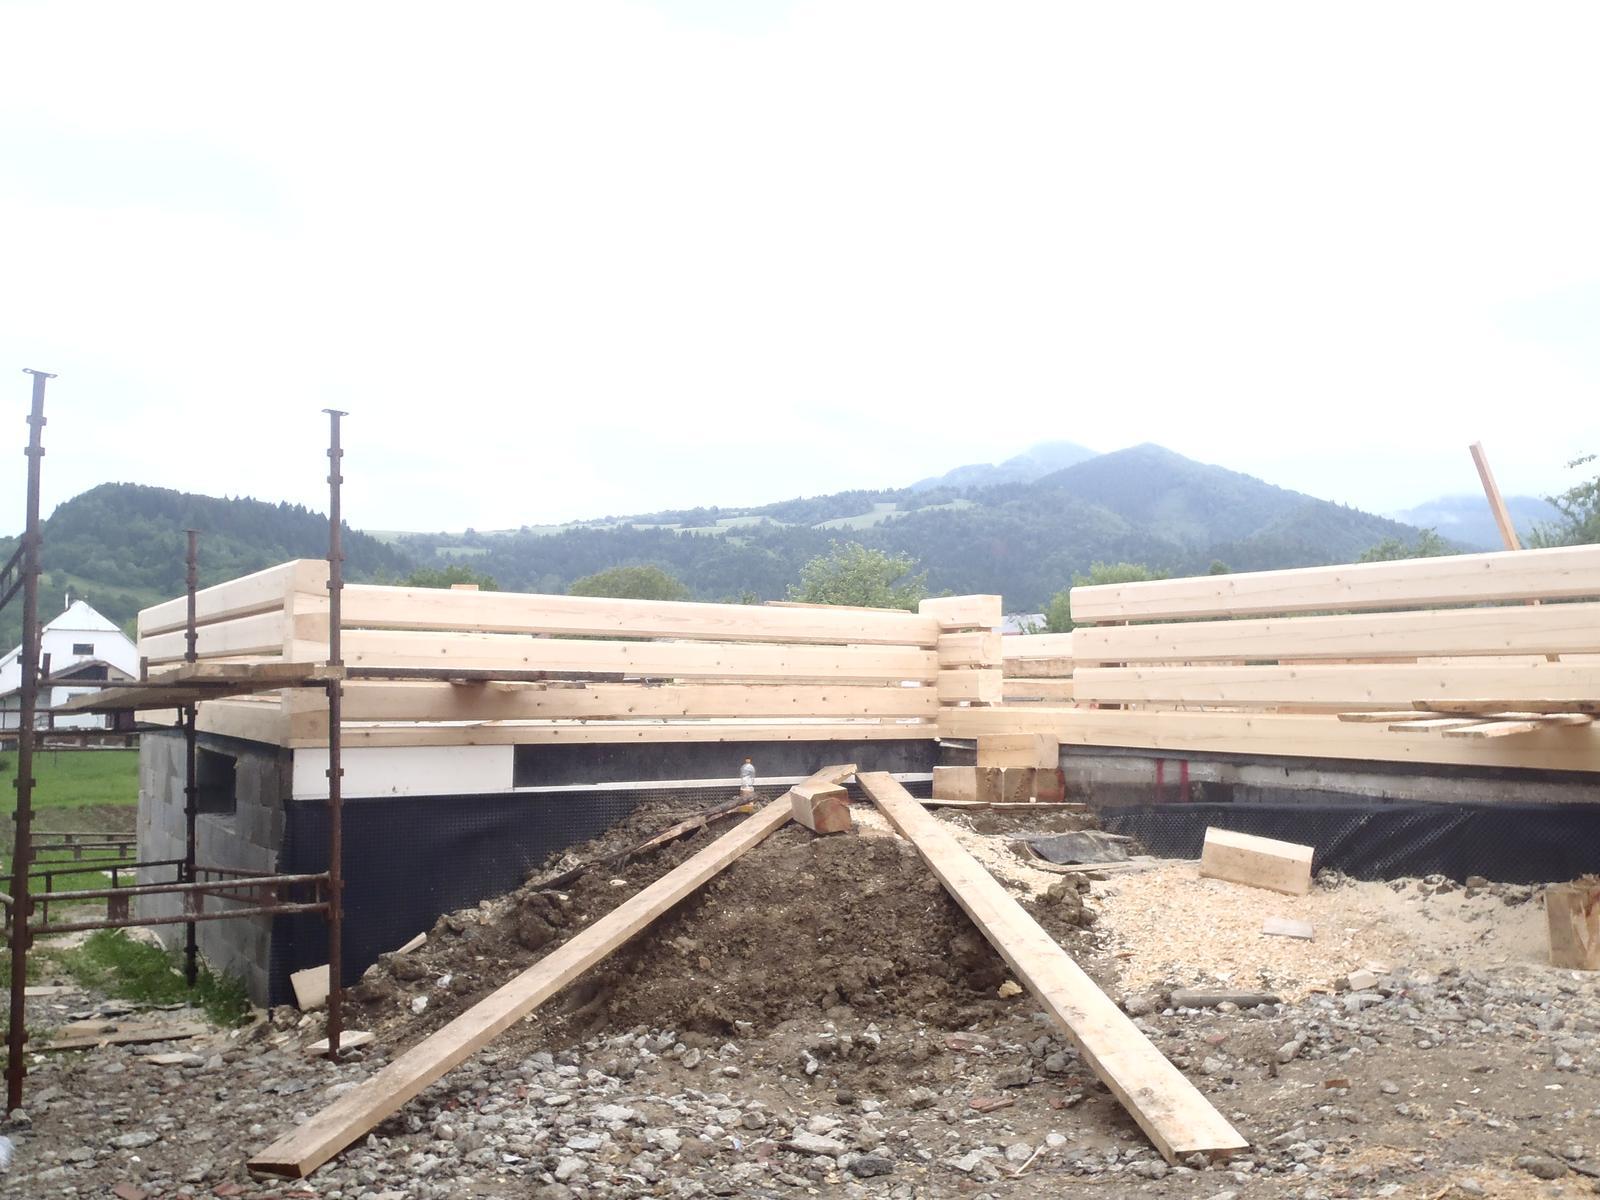 Náš veľký sen o drevenom domčeku! - Už sa rysujú aj dvere :-)